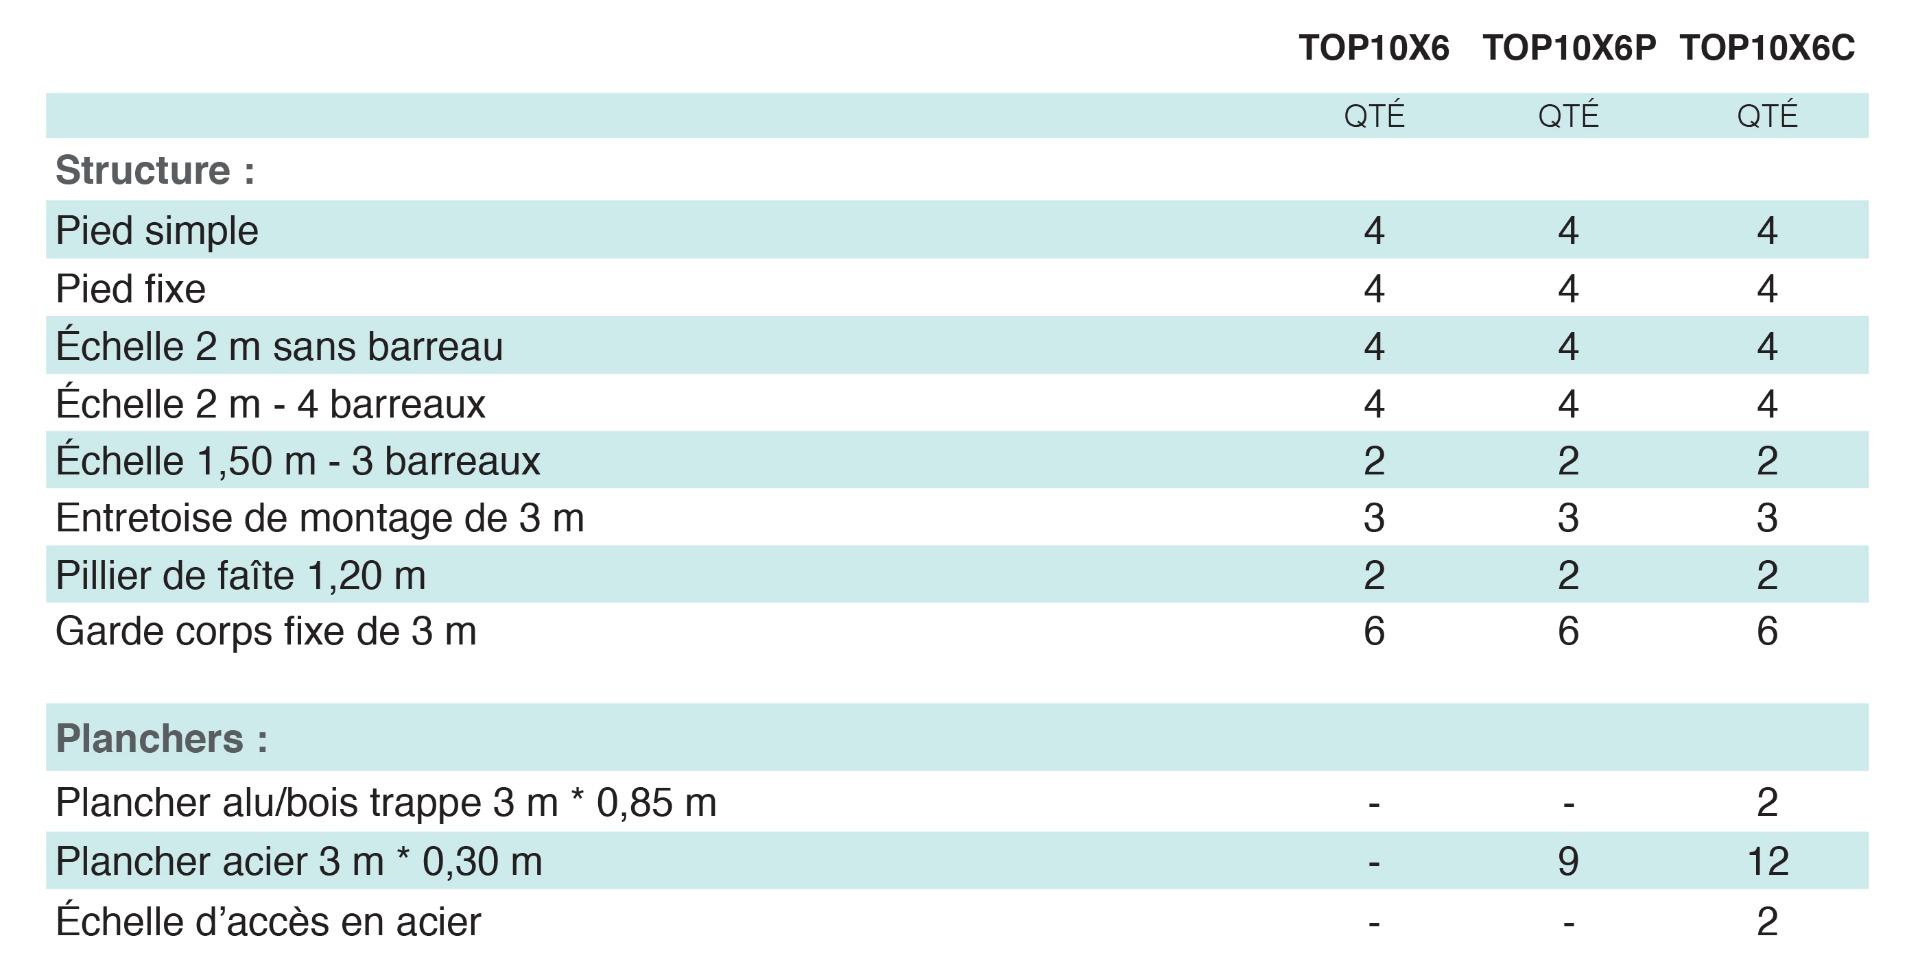 Echafaudages Stéphanois Maçon TOP10x6